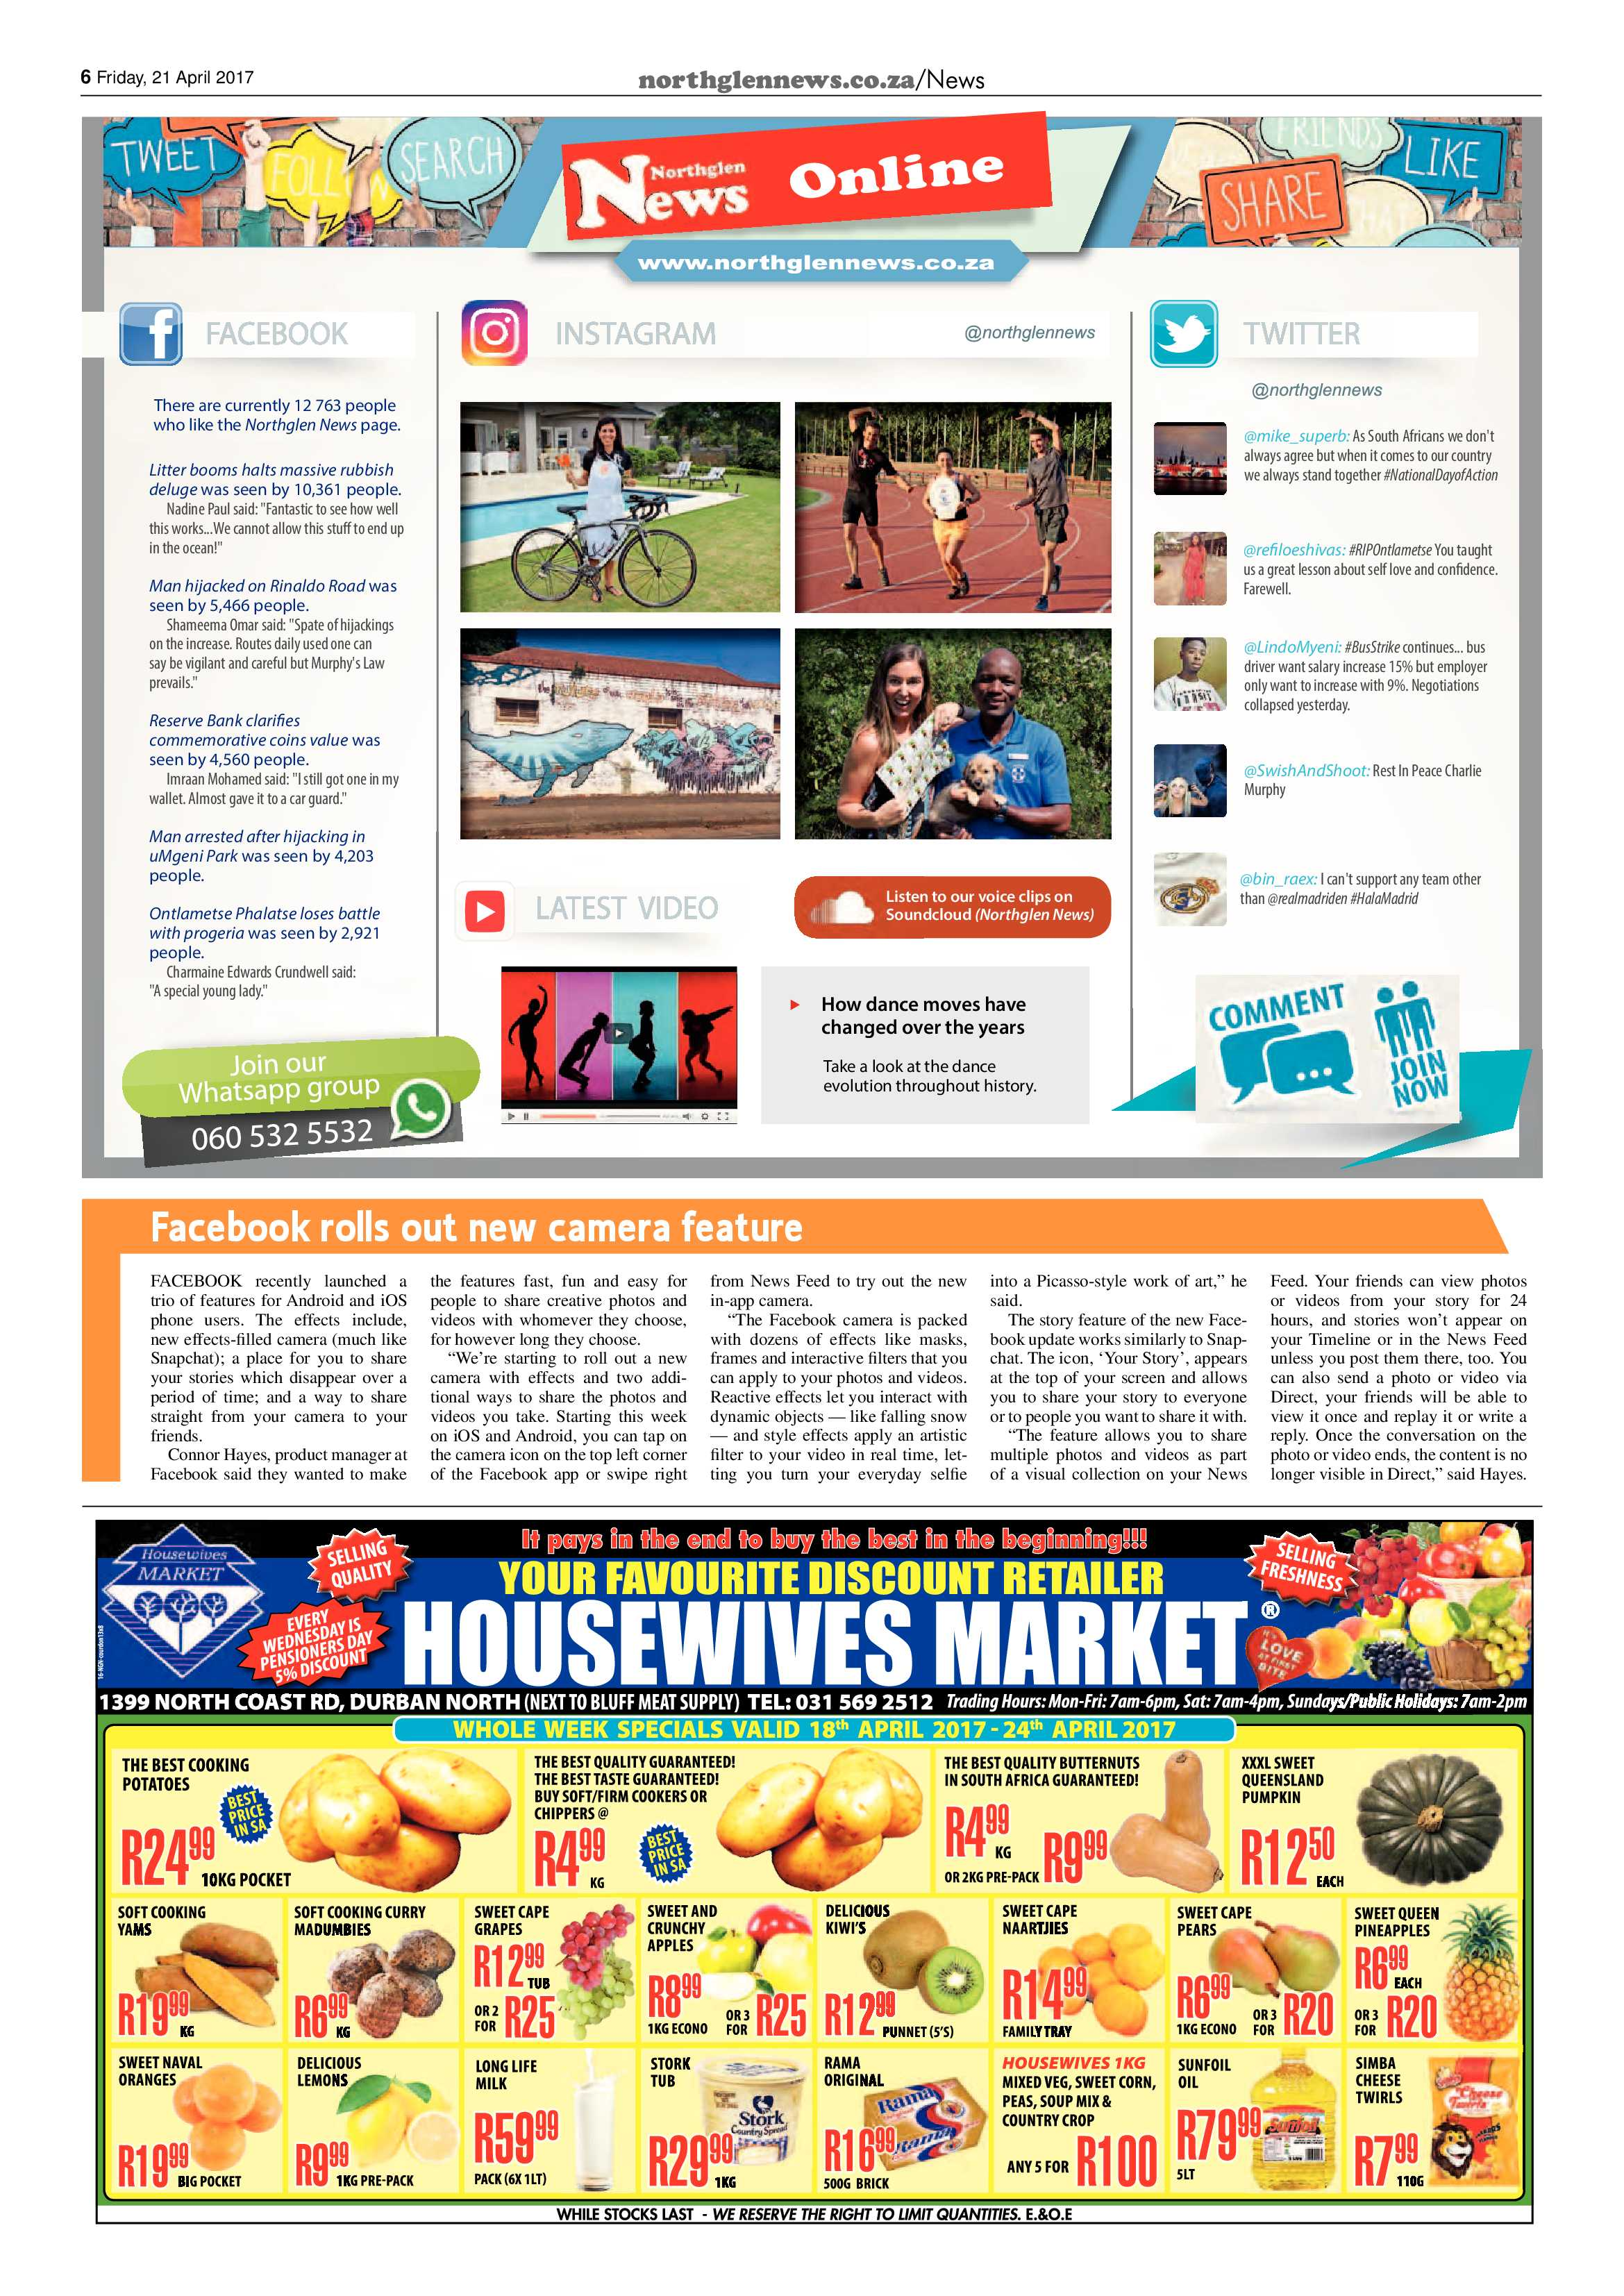 northglen-news-21-april-2017-epapers-page-6